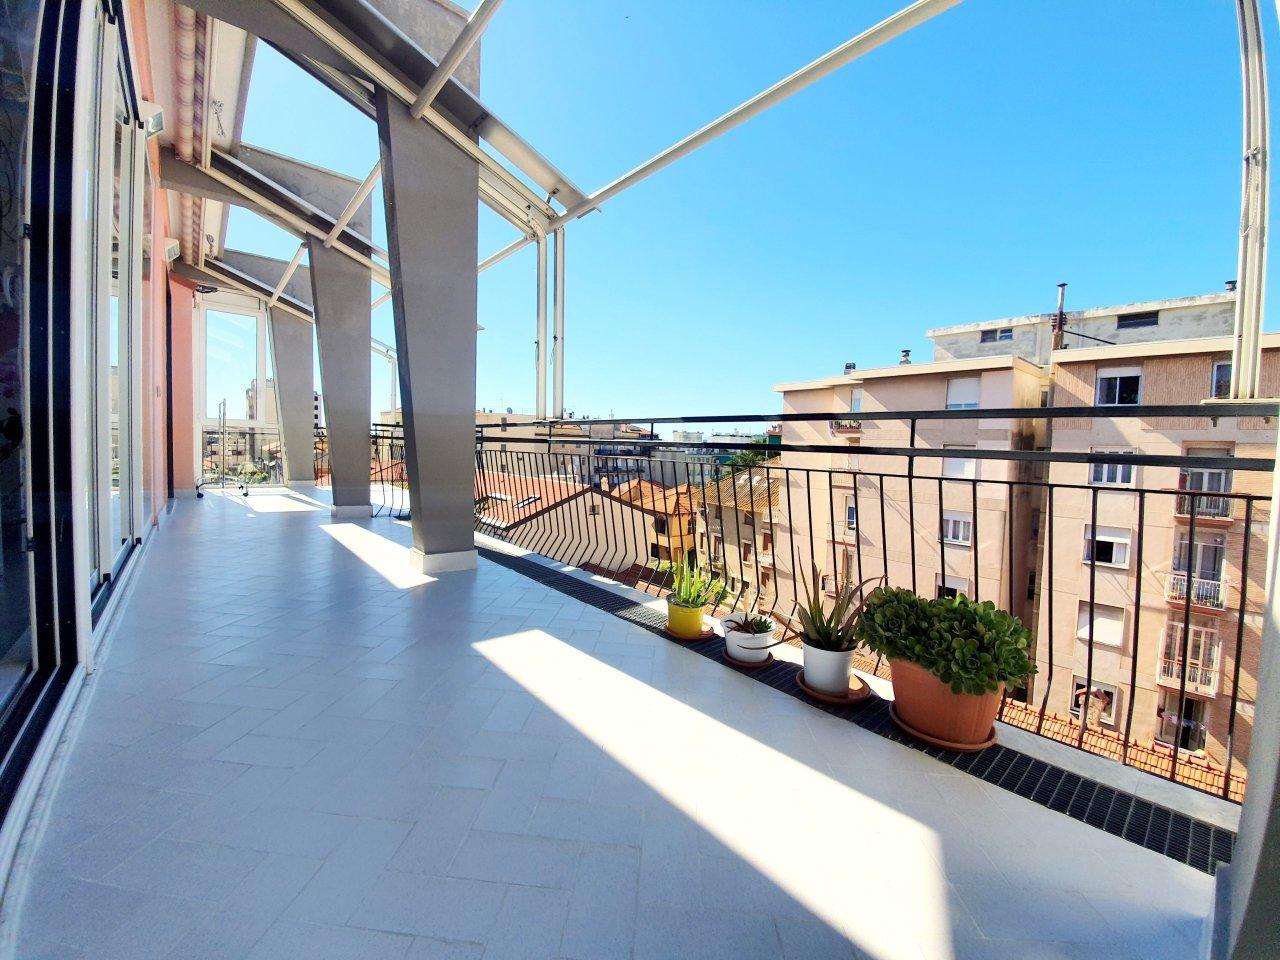 Attico / Mansarda in vendita a Albenga, 3 locali, prezzo € 250.000   PortaleAgenzieImmobiliari.it